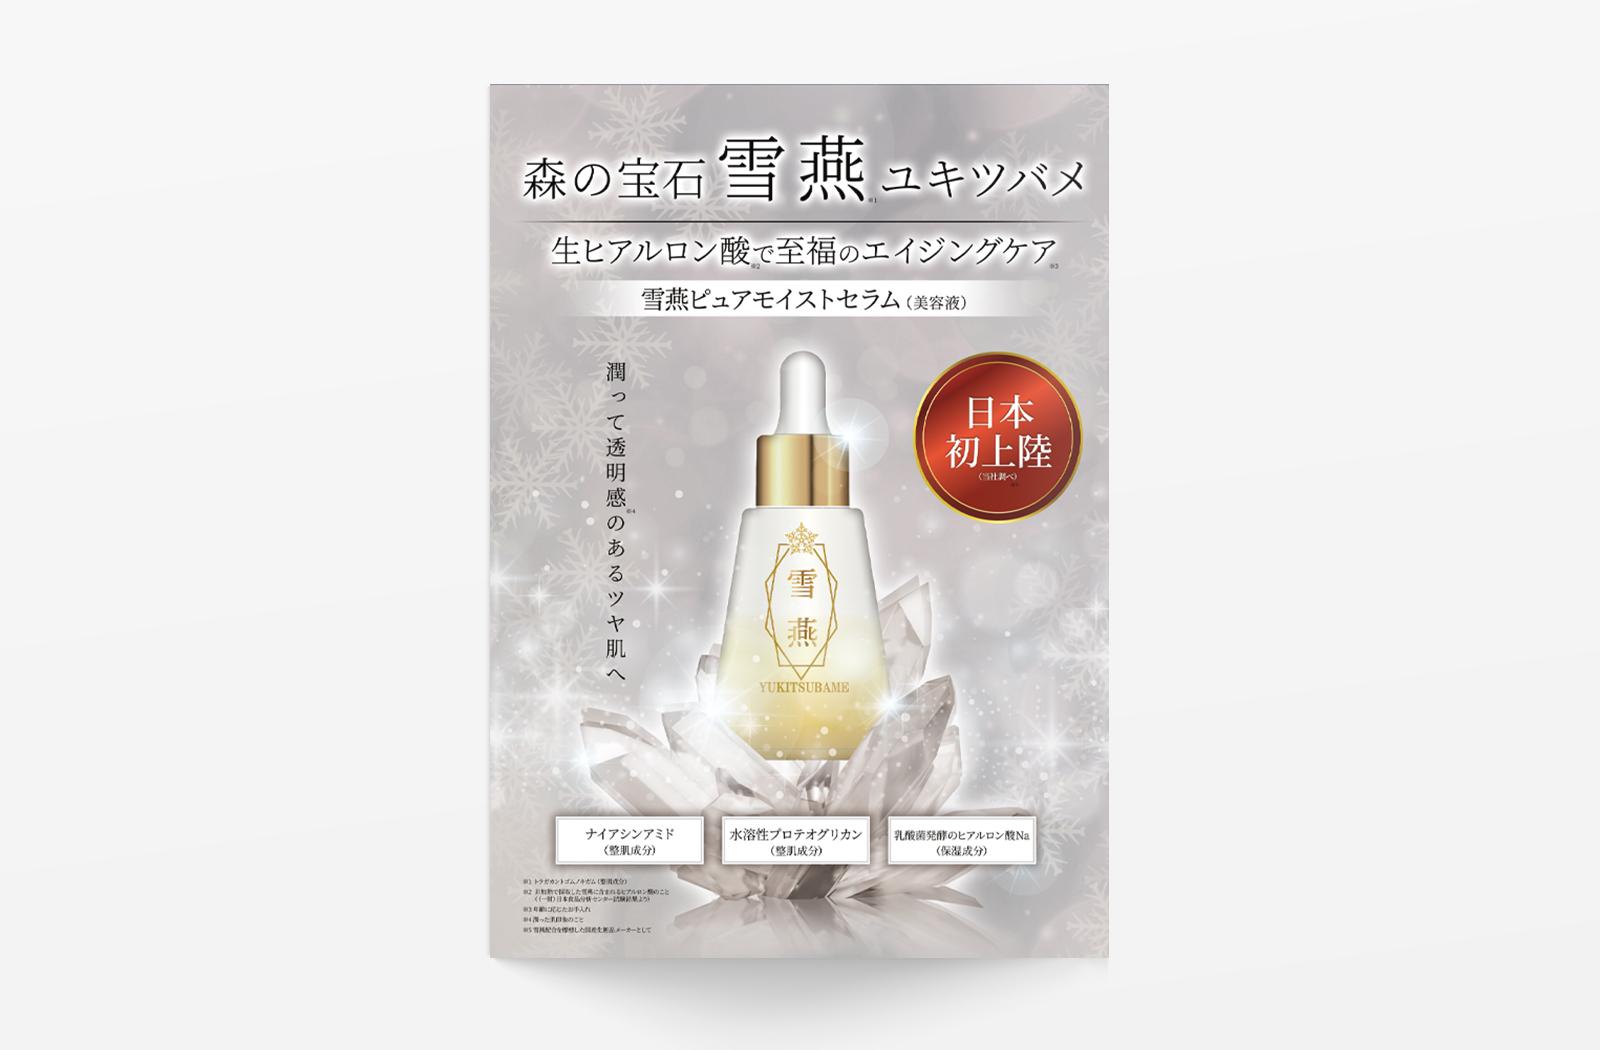 化粧水「雪燕」のパンフレットデザイン